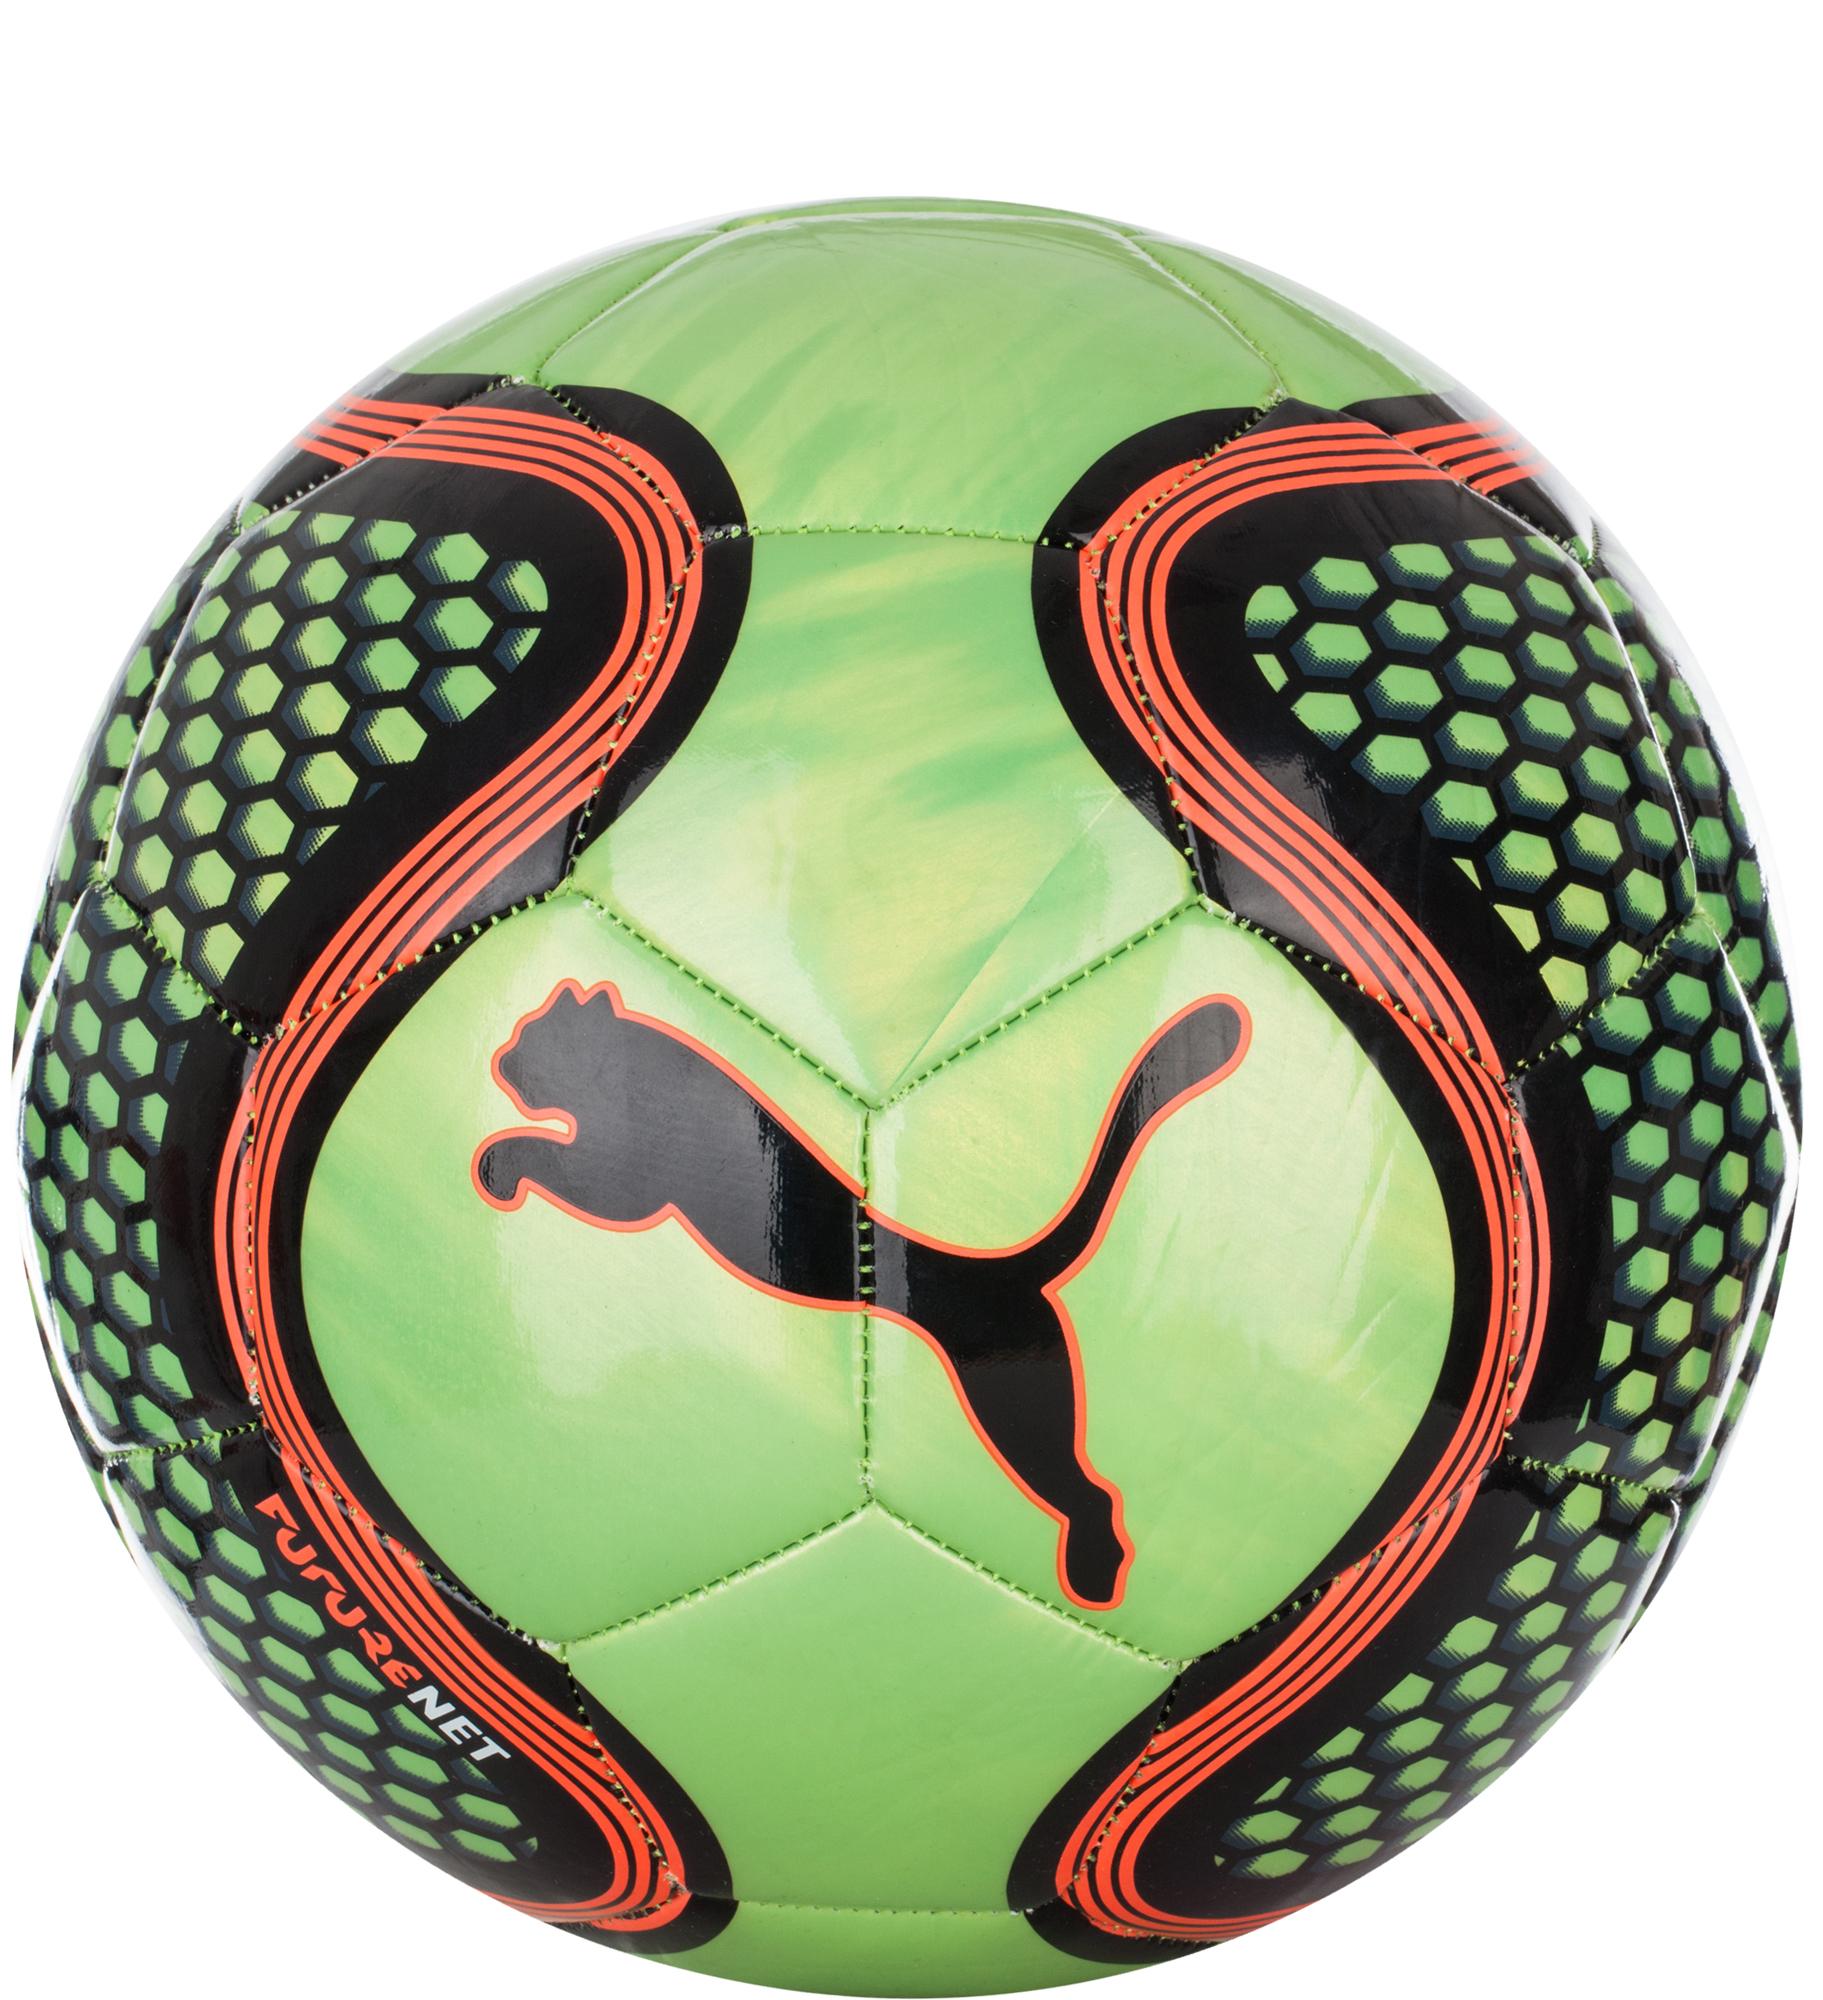 Футбольные мячи Puma - каталог цен 84ff3f284e380